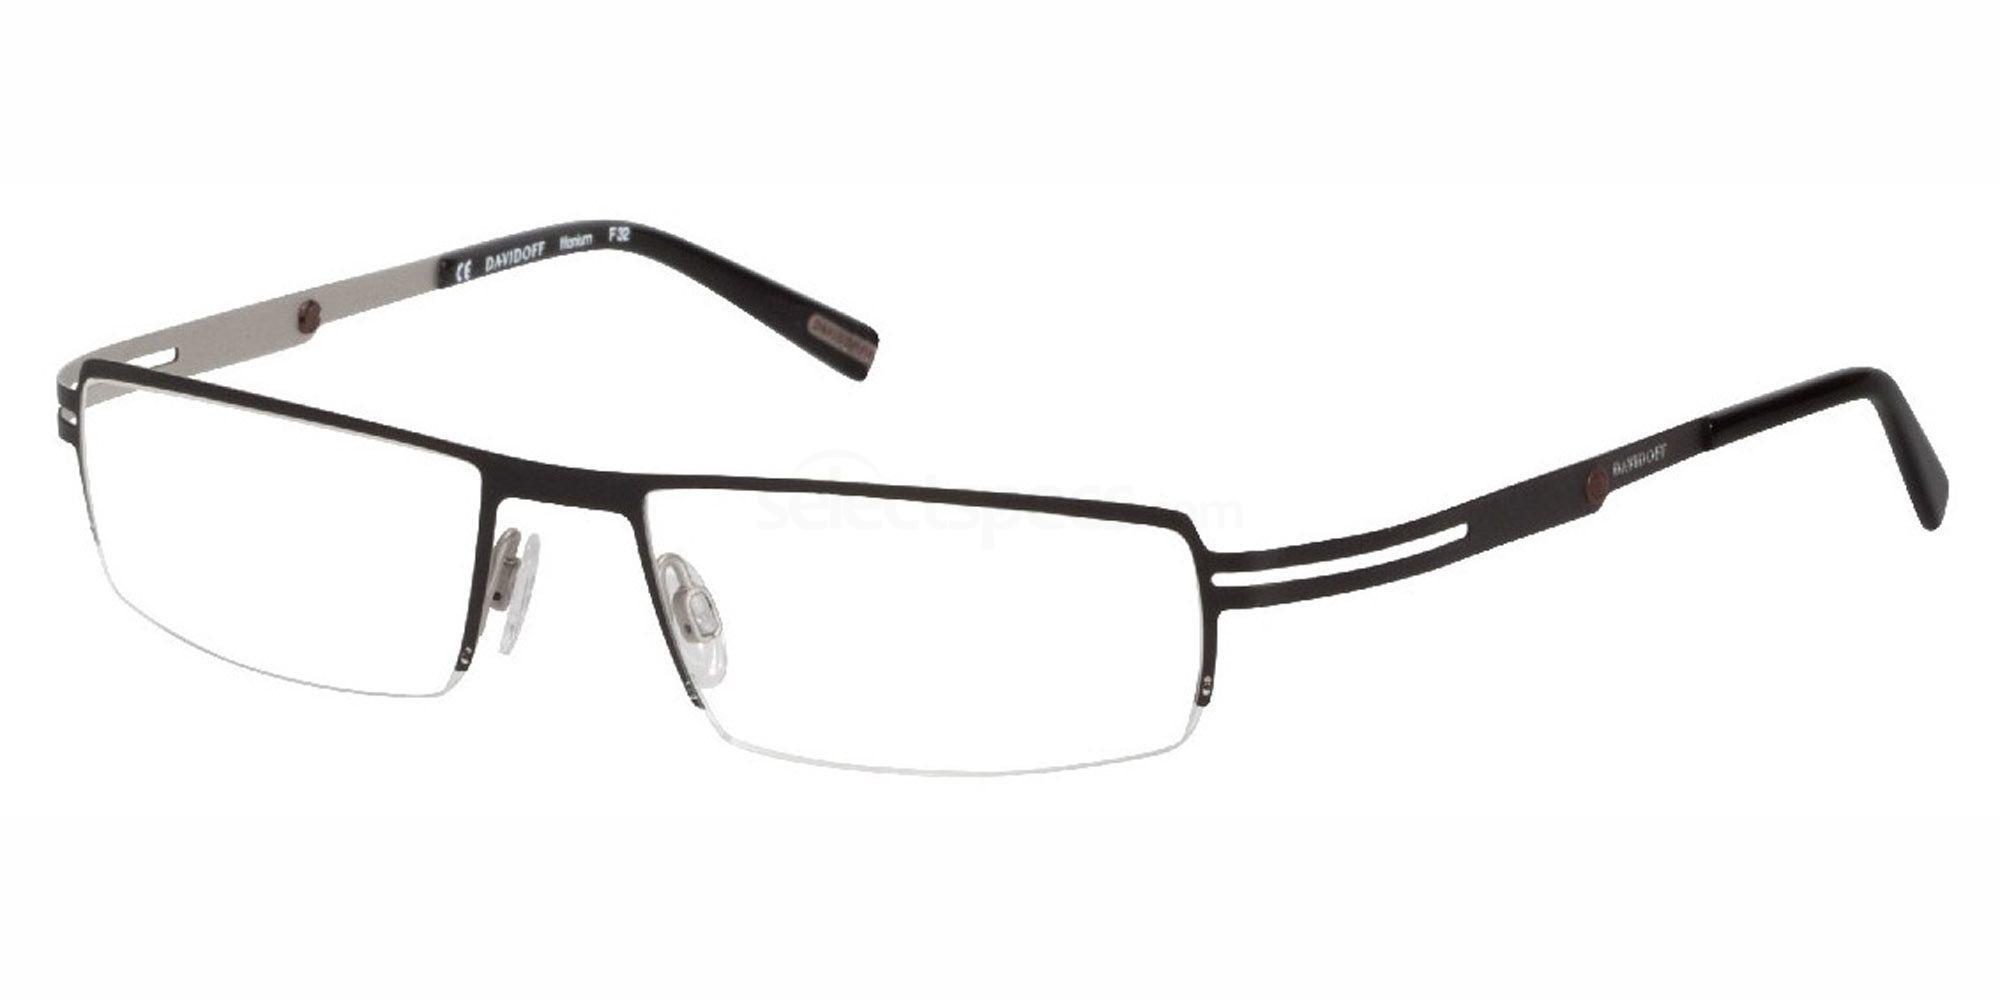 512 95086 Glasses, DAVIDOFF Eyewear